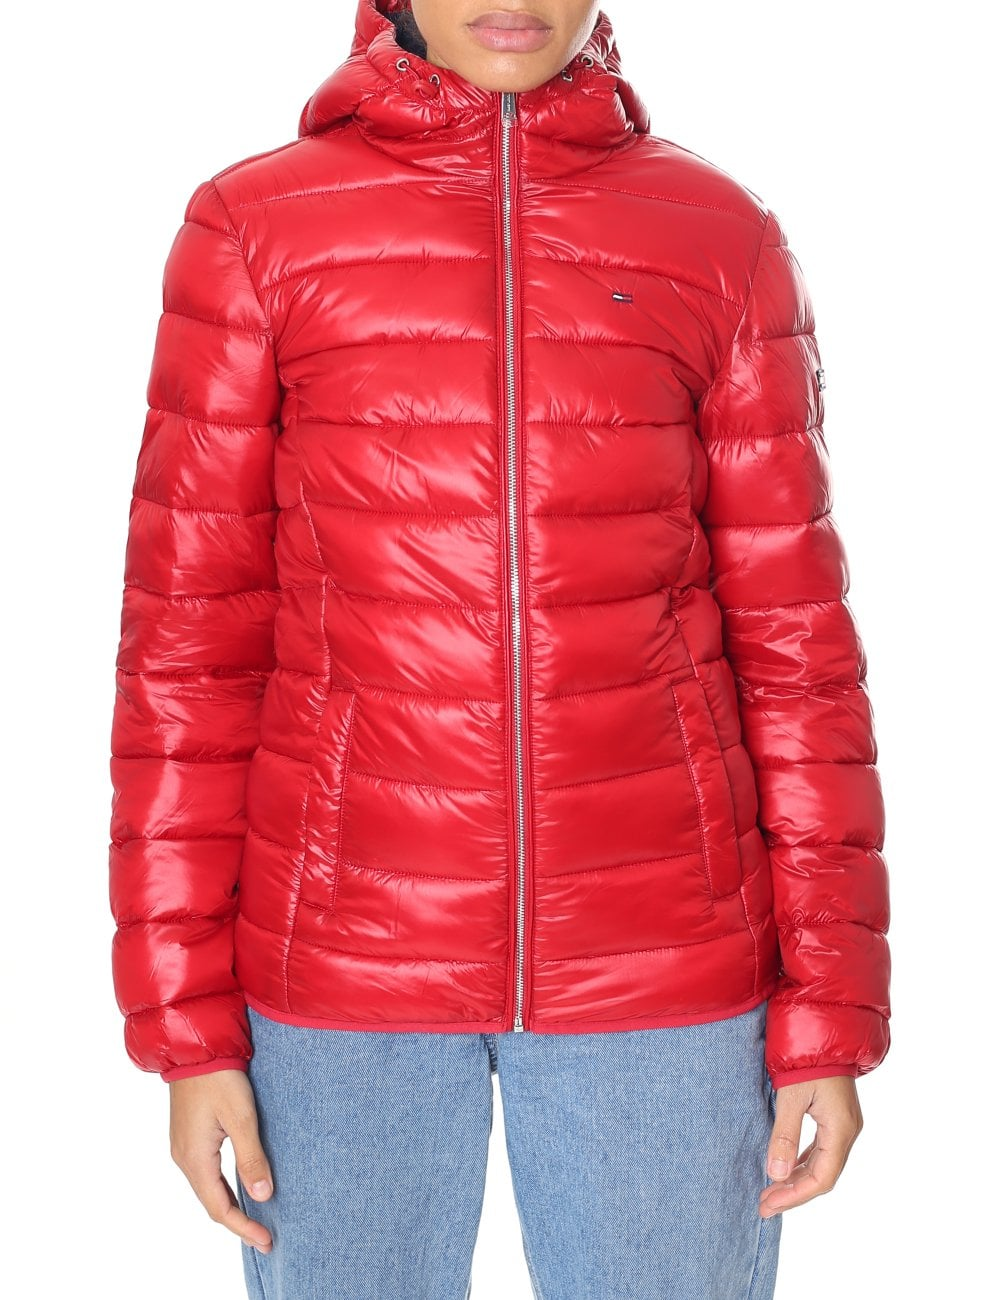 außergewöhnliche Farbpalette das beste super günstig im vergleich zu Tommy Hilfiger Women's Basic Quilted Hooded Jacket